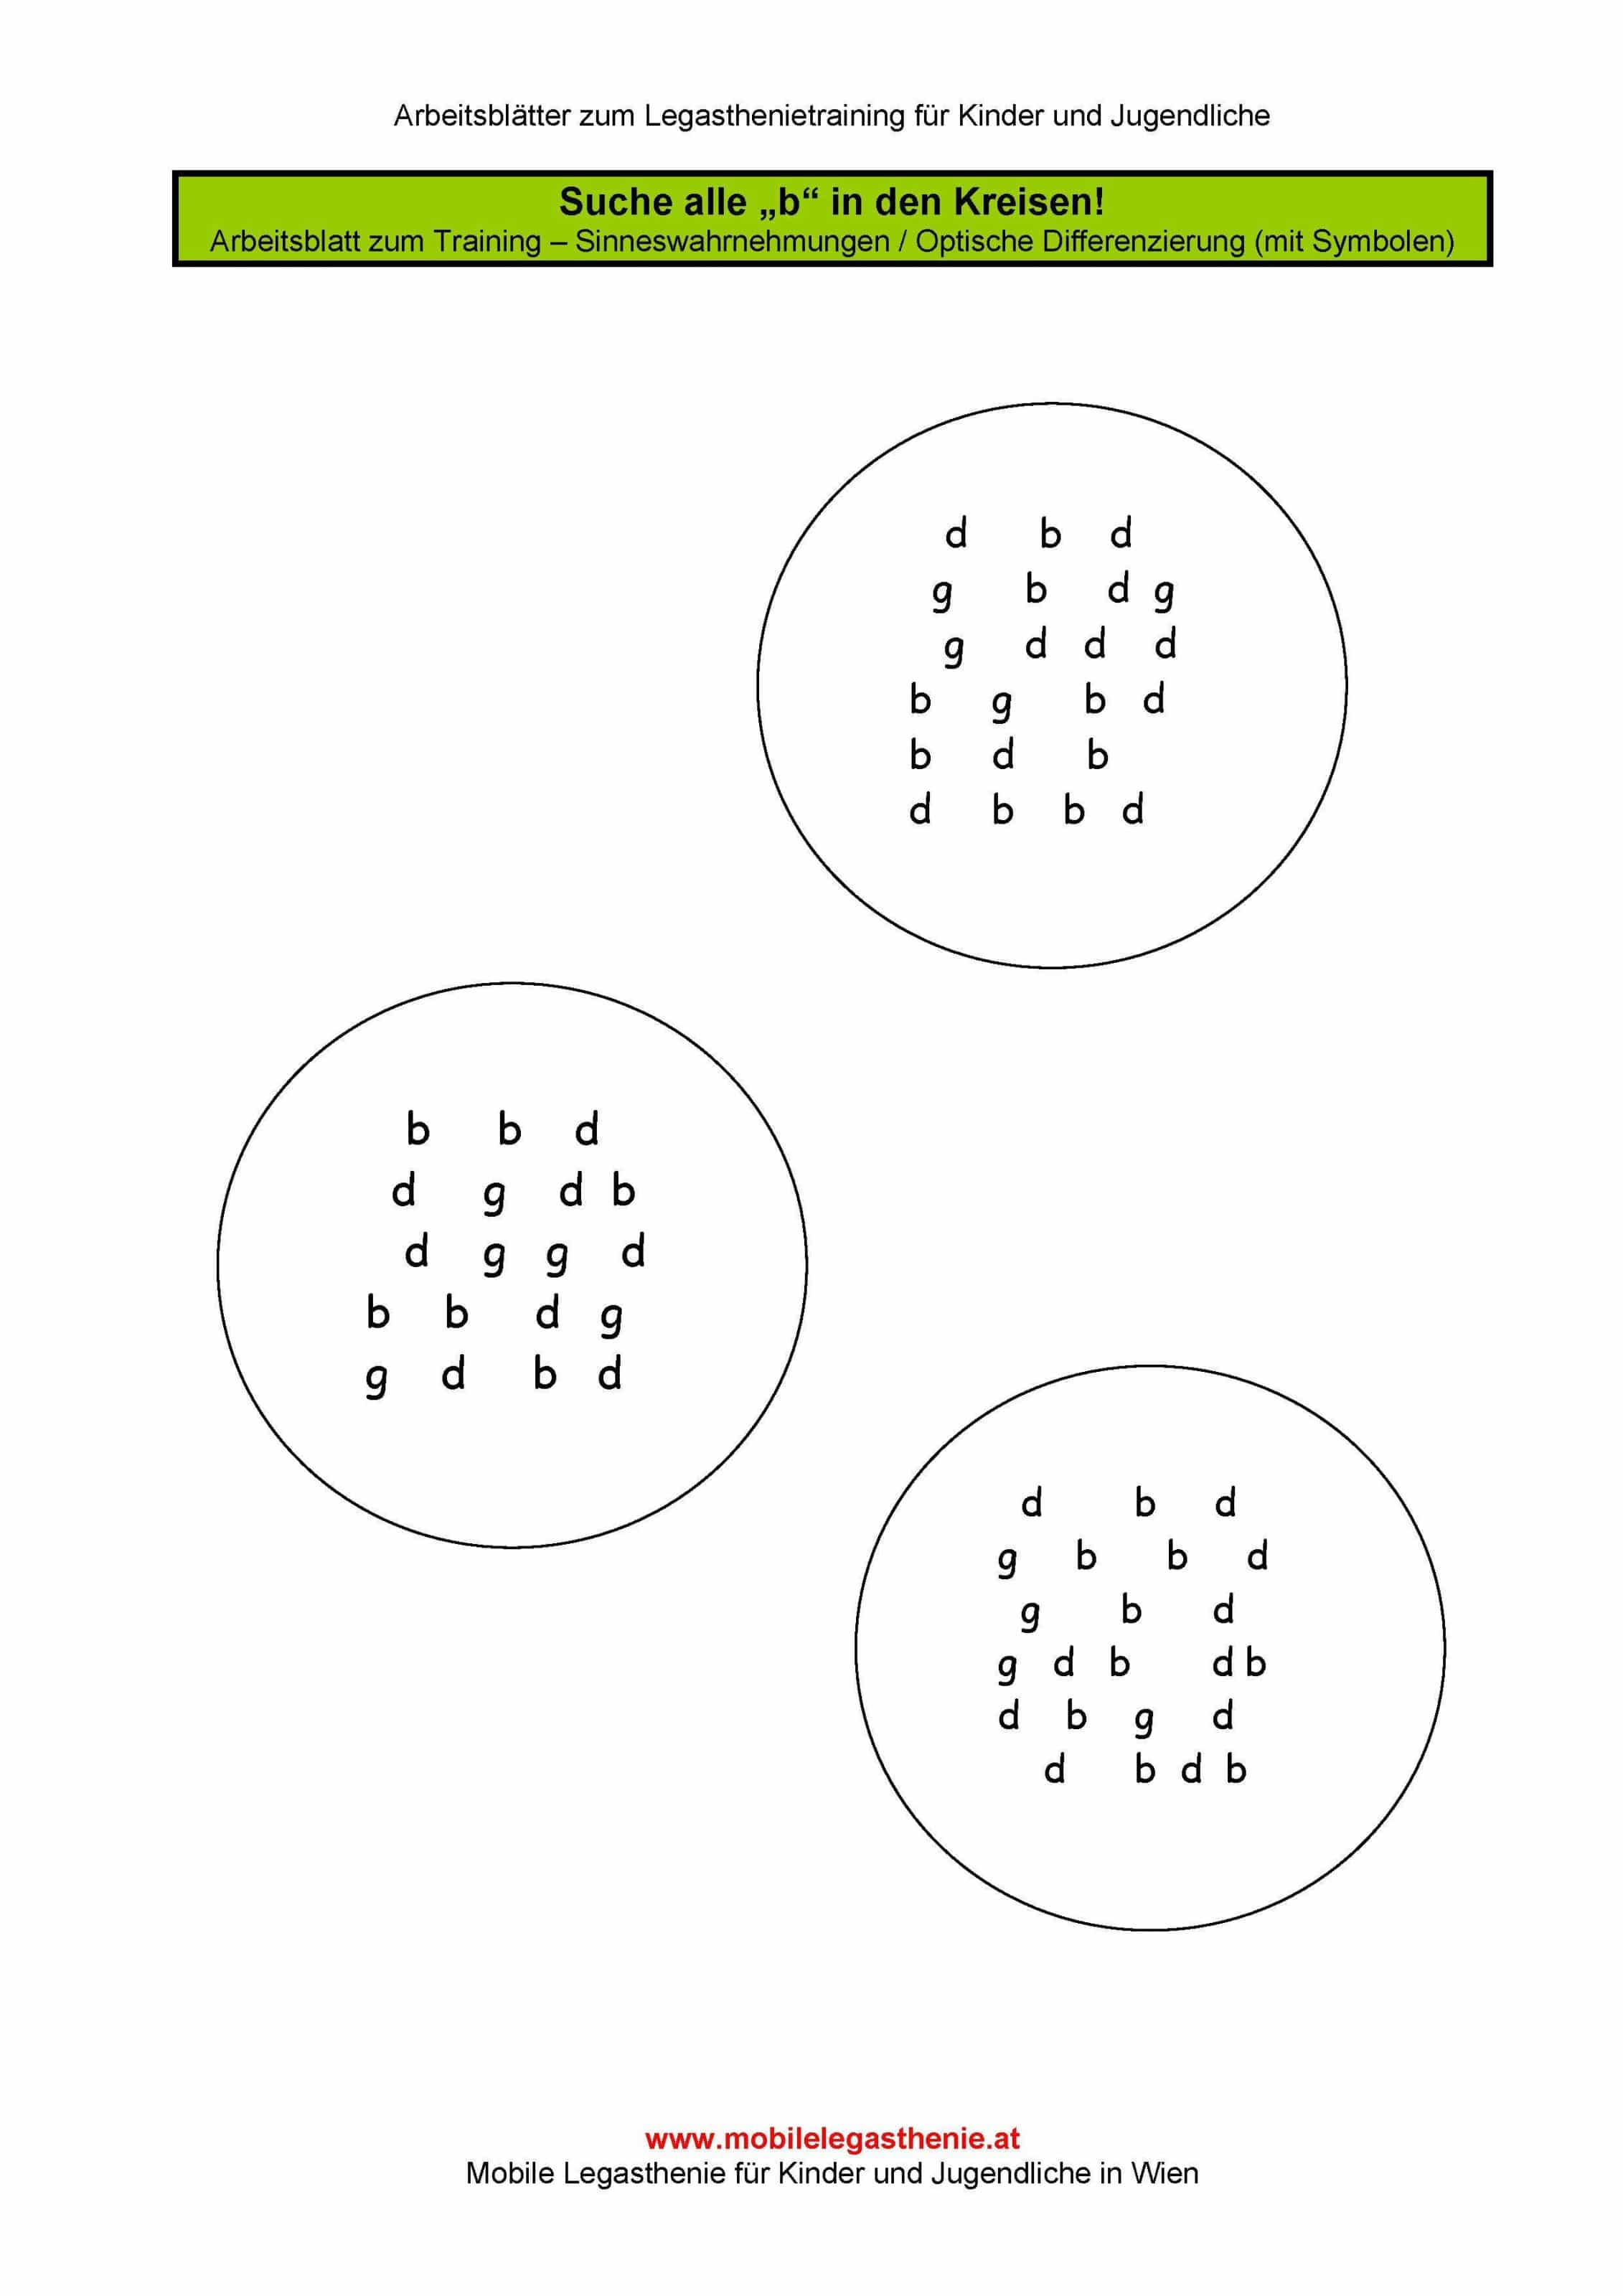 AB_Legasthenie_Sinneswahrnehmungen_Optische-Differenzierung_3